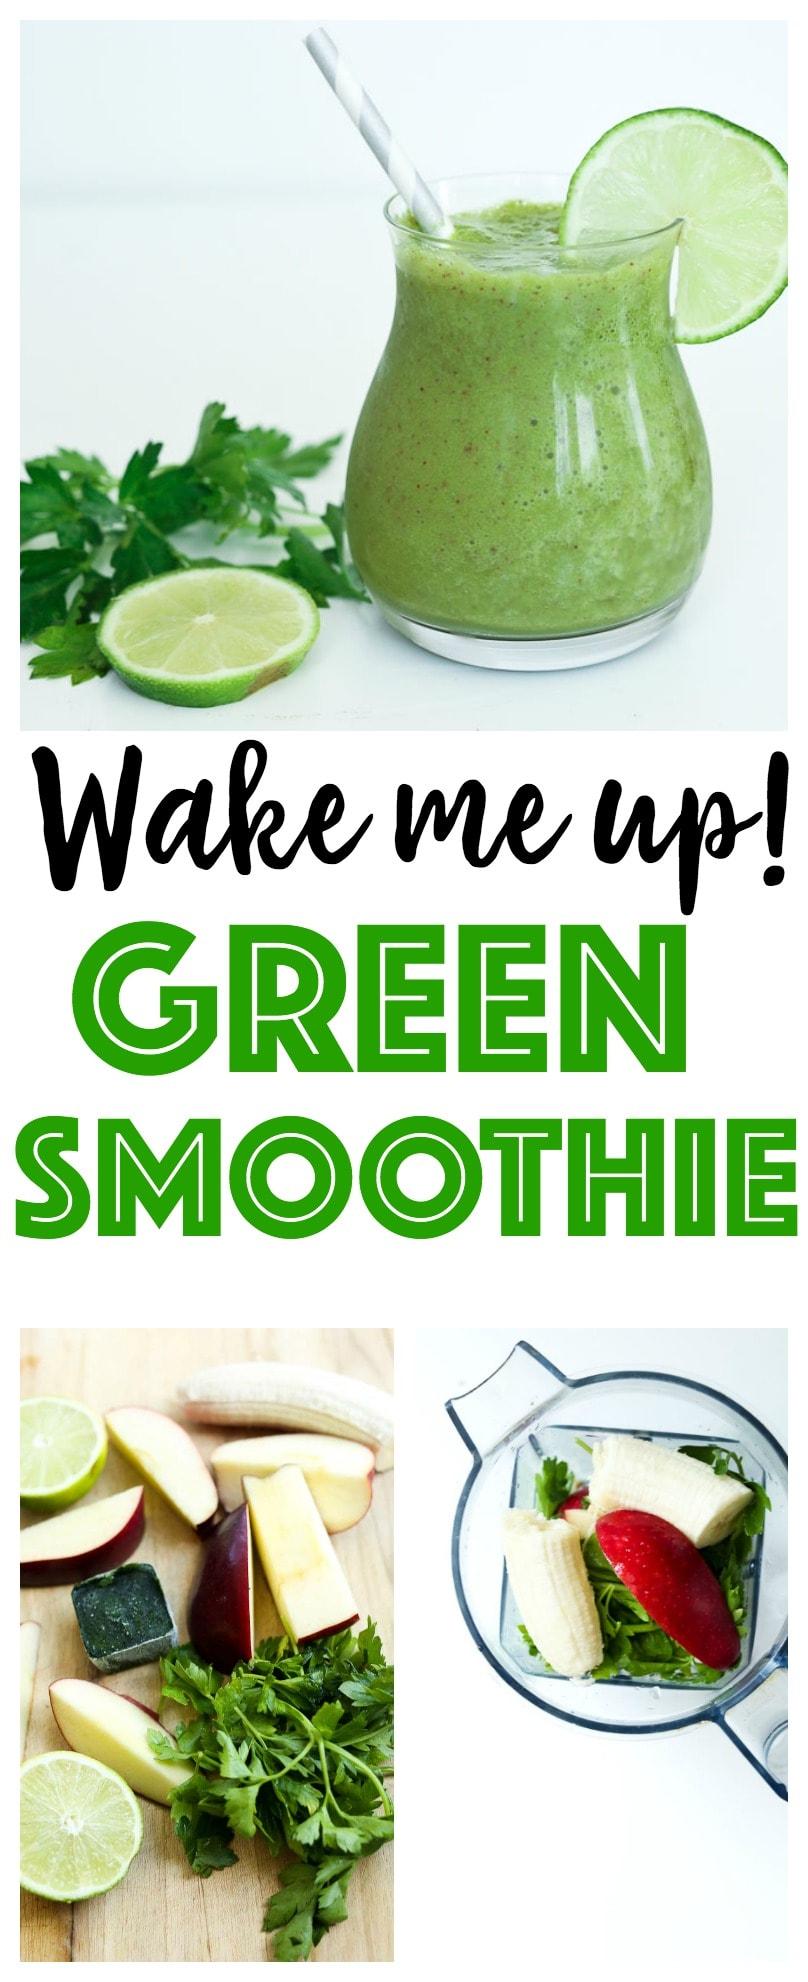 Green Smoothie Recipe   healthy   vegan   gluten-free   Paleo